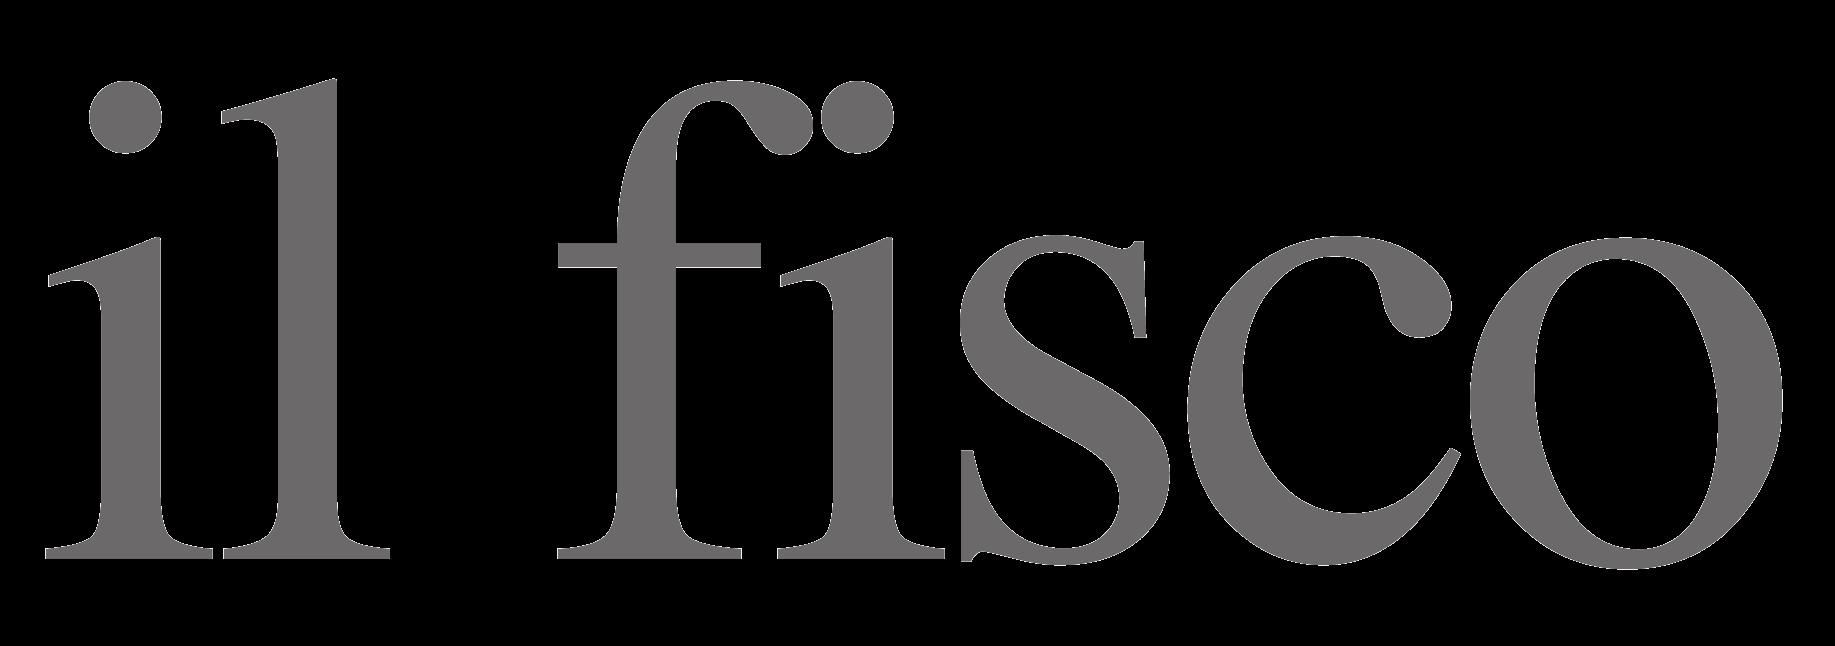 ILFISCO